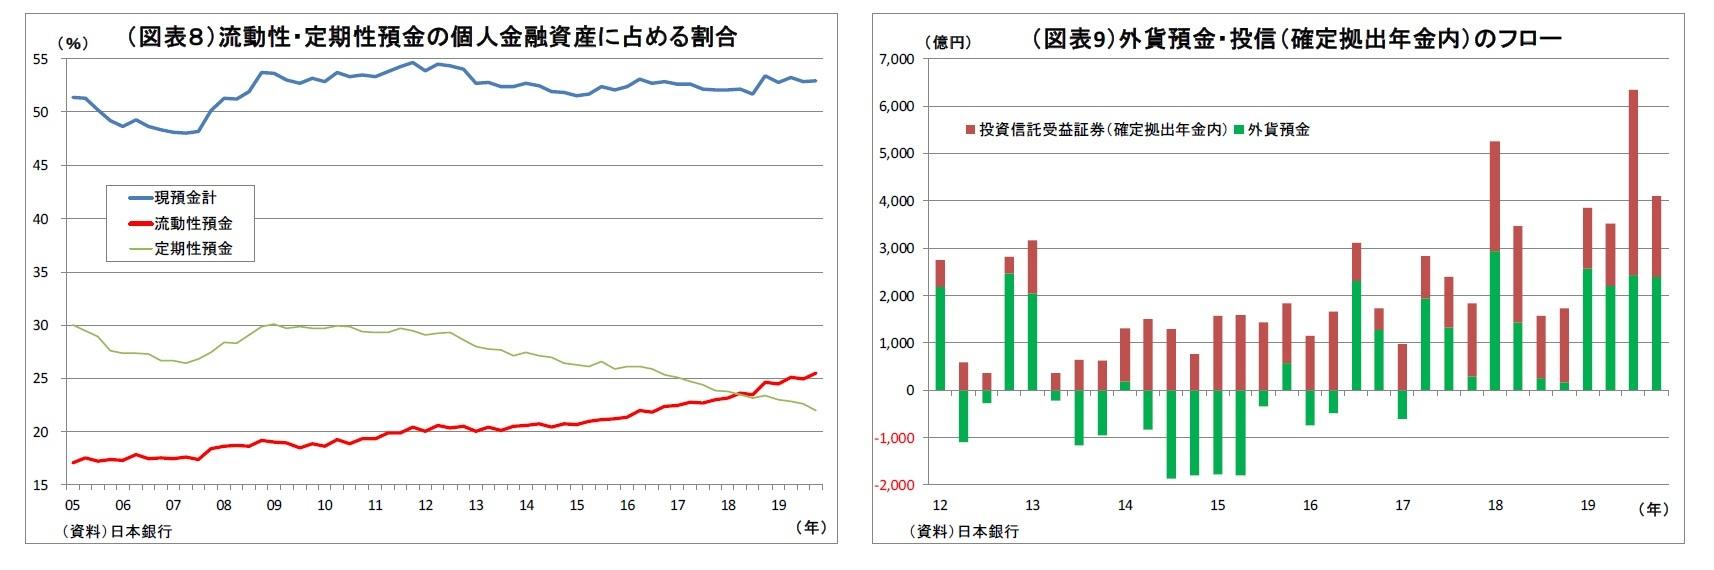 (図表8)流動性・定期性預金の個人金融資産に占める割合/(図表9)外貨預金・投信(確定拠出年金内)のフロー